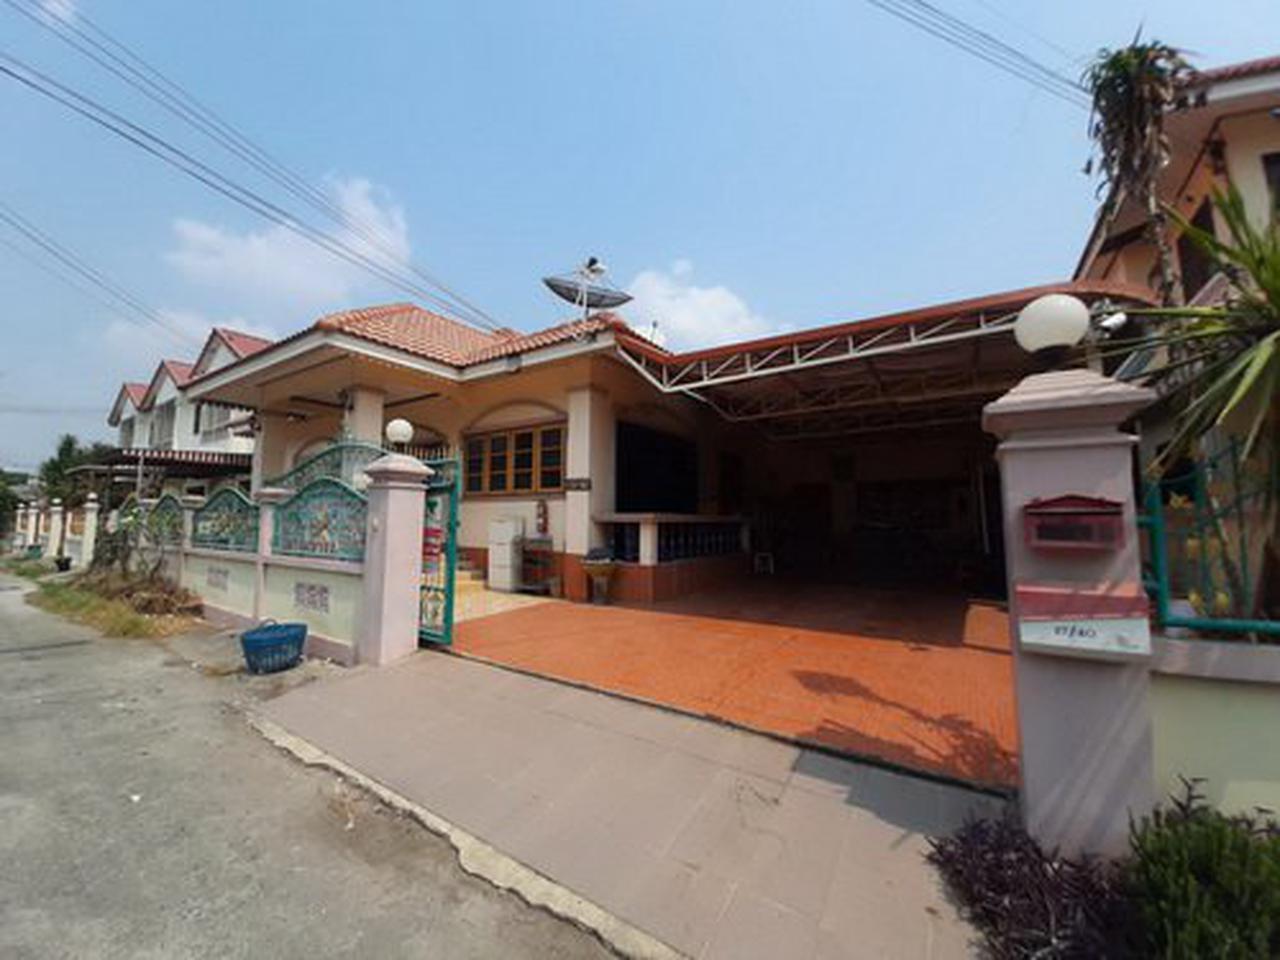 ขายบ้านเดี่ยวชั้นเดียว หมู่บ้านยุคลธร ขนาด 67.1 ตรว หมู่บ้านยุคลธร อ.พระพุทธบาท จ.สระบุรี    รูปที่ 1